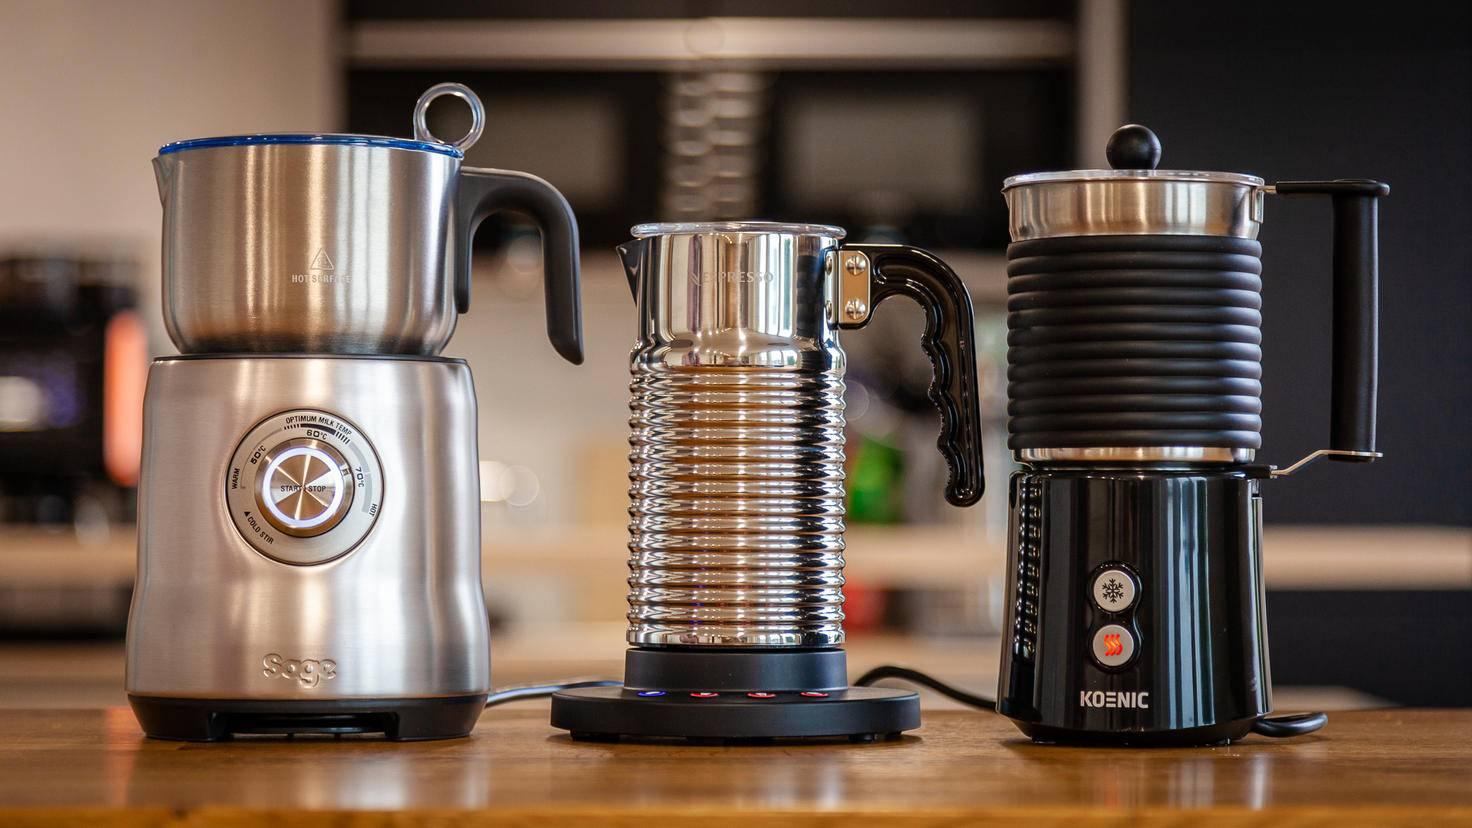 Milchaufschäumer-Sage-Nespresso-Koenic-TURN ON